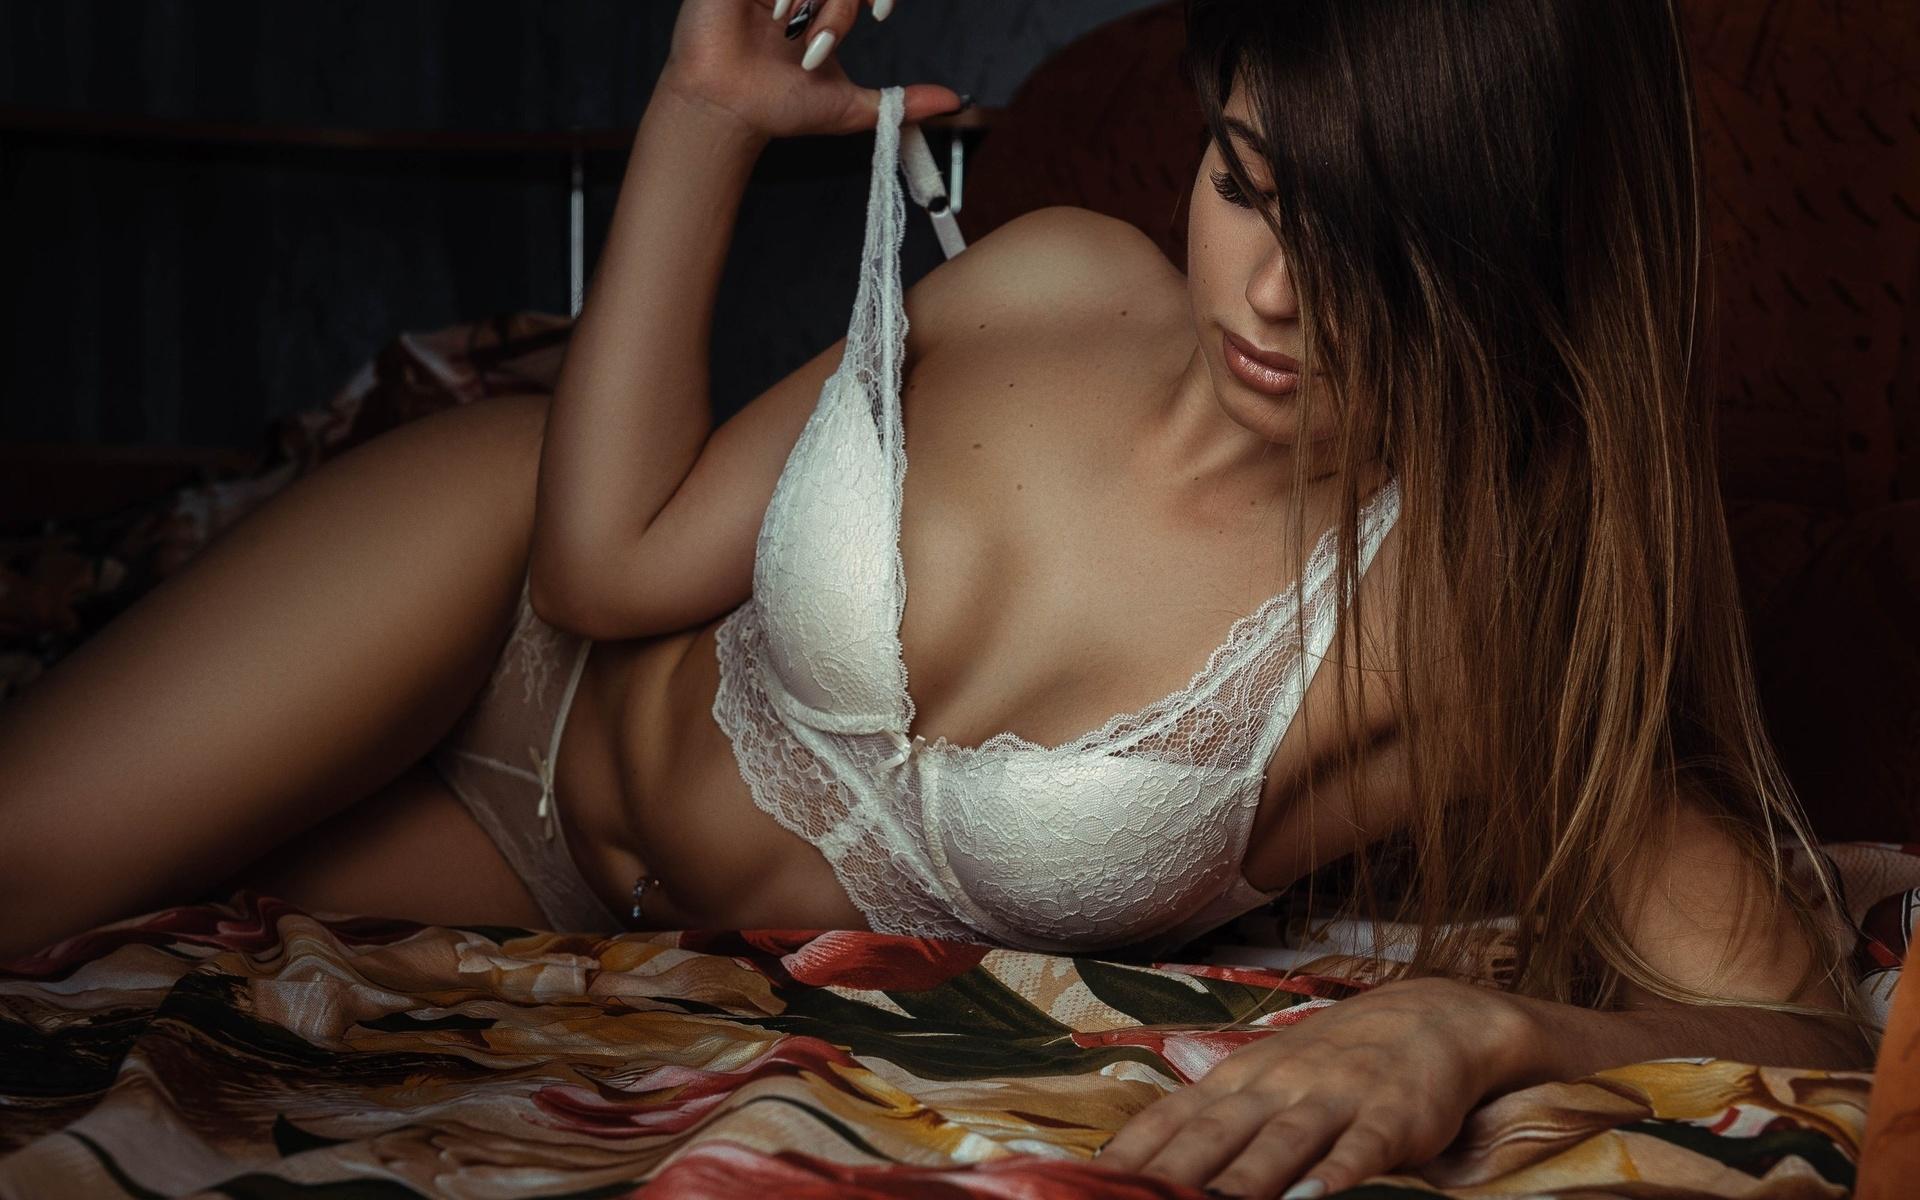 девушка, длинные волосы, на кровати, фотографии, николай лукьянов